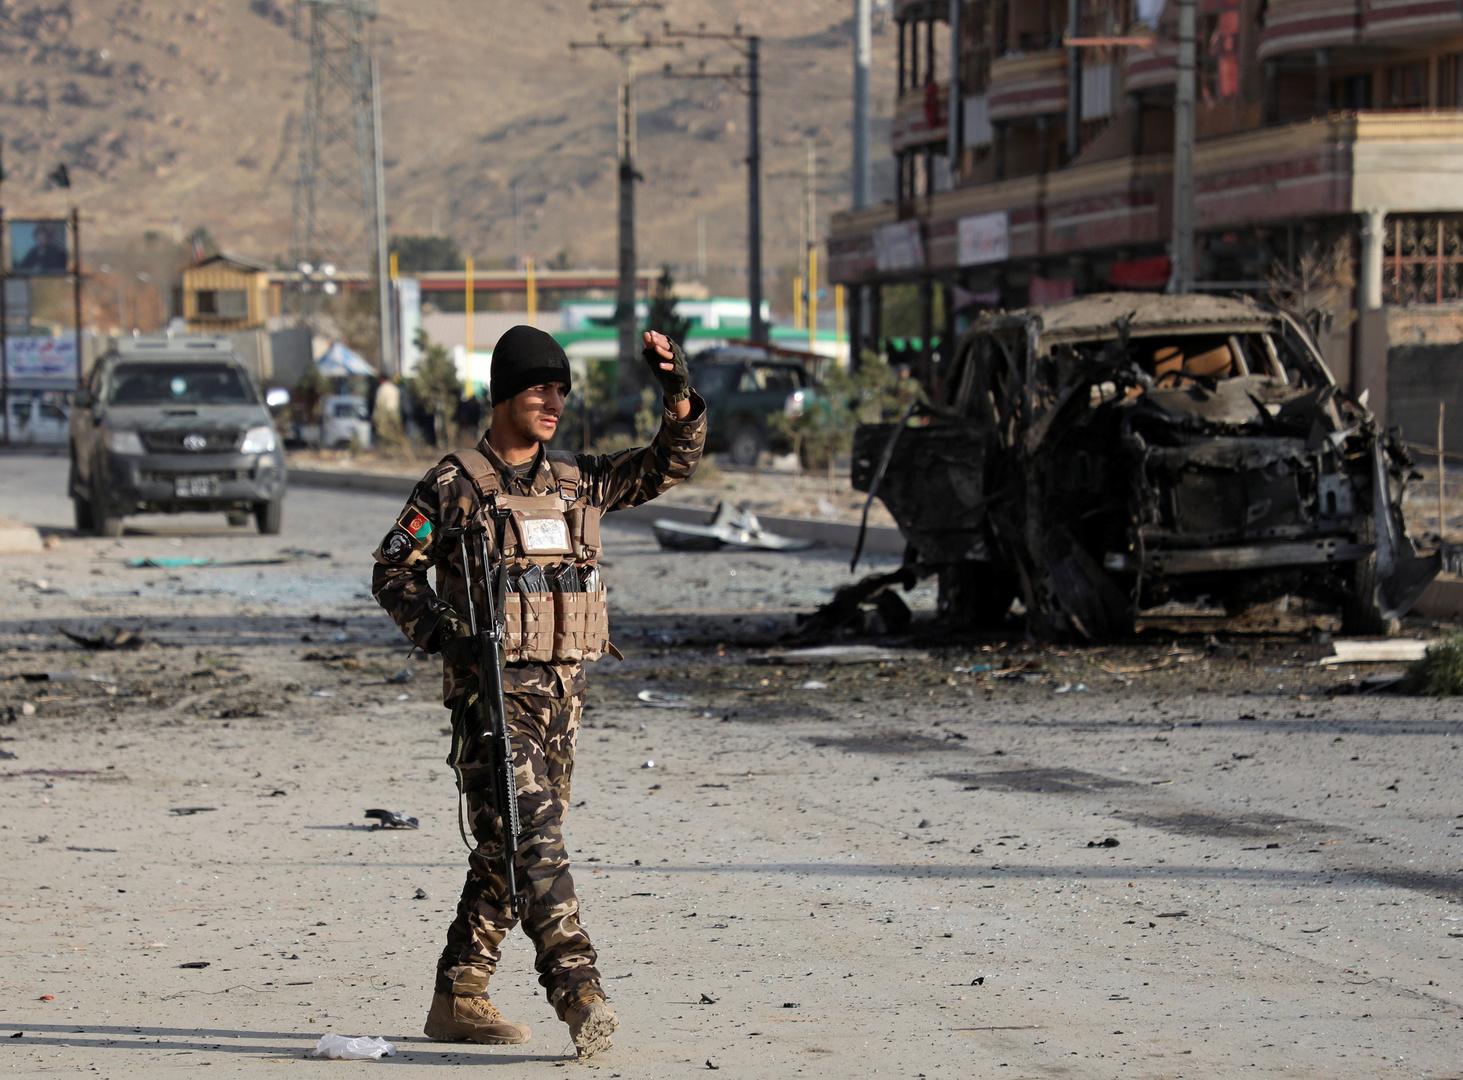 12 قتيلا وأكثر من 100 جريح جراء انفجار قرب مقر للشرطة وسط أفغانستان